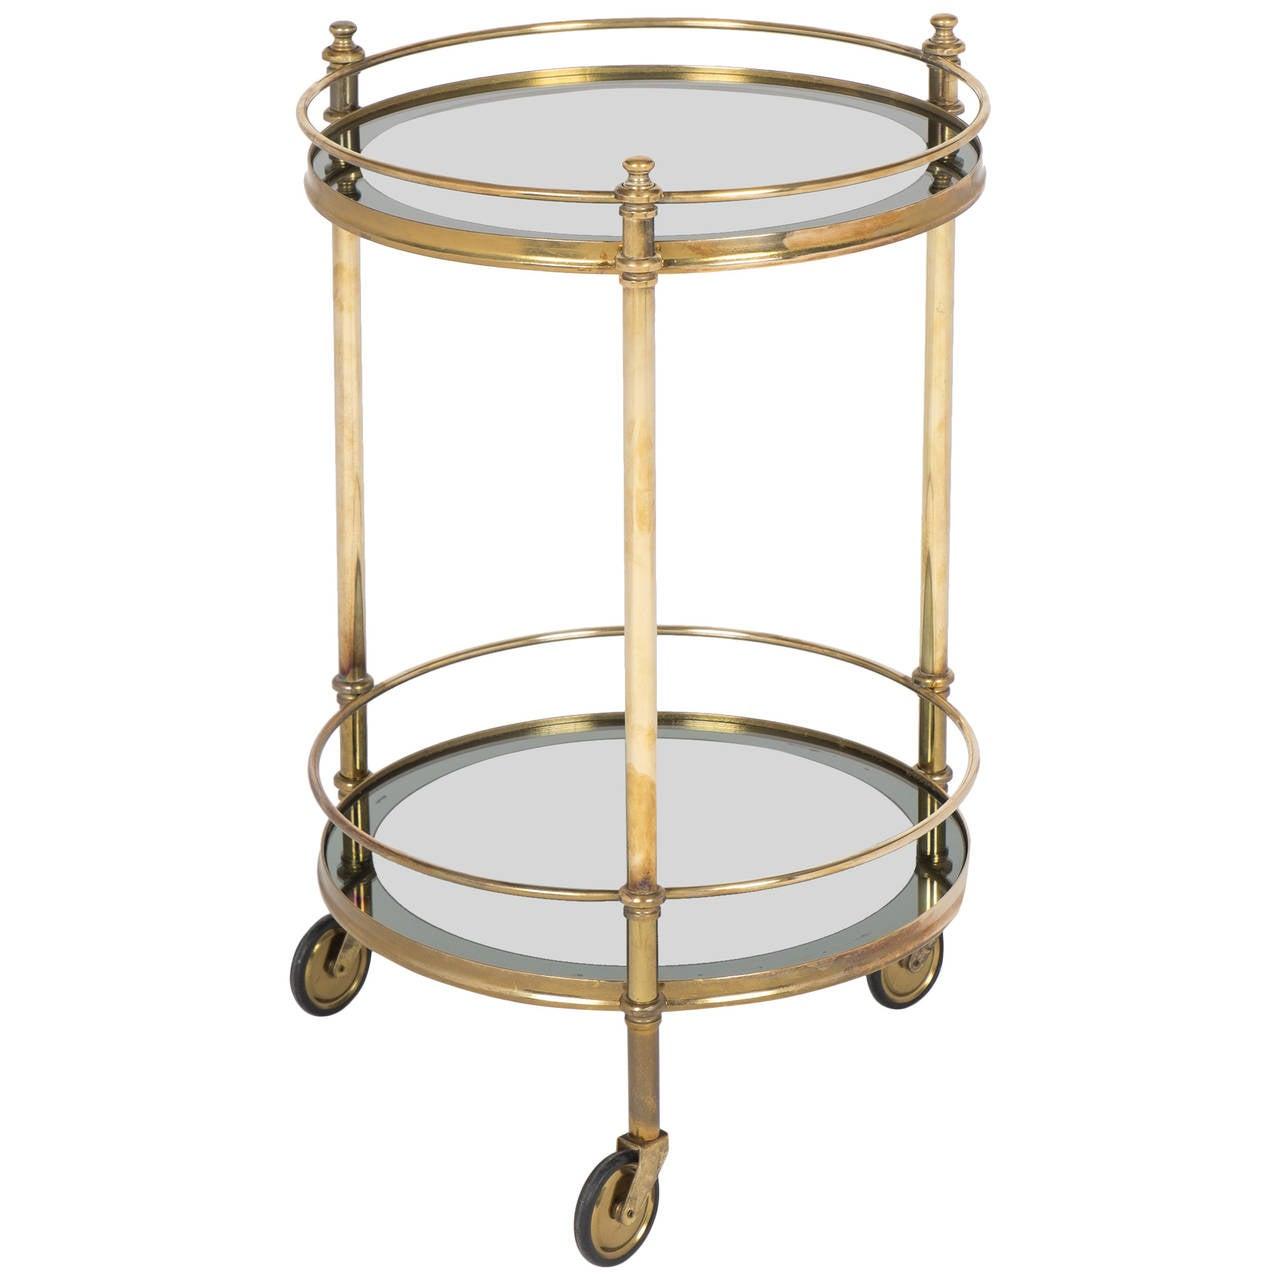 french vintage round brass bar cart at 1stdibs. Black Bedroom Furniture Sets. Home Design Ideas